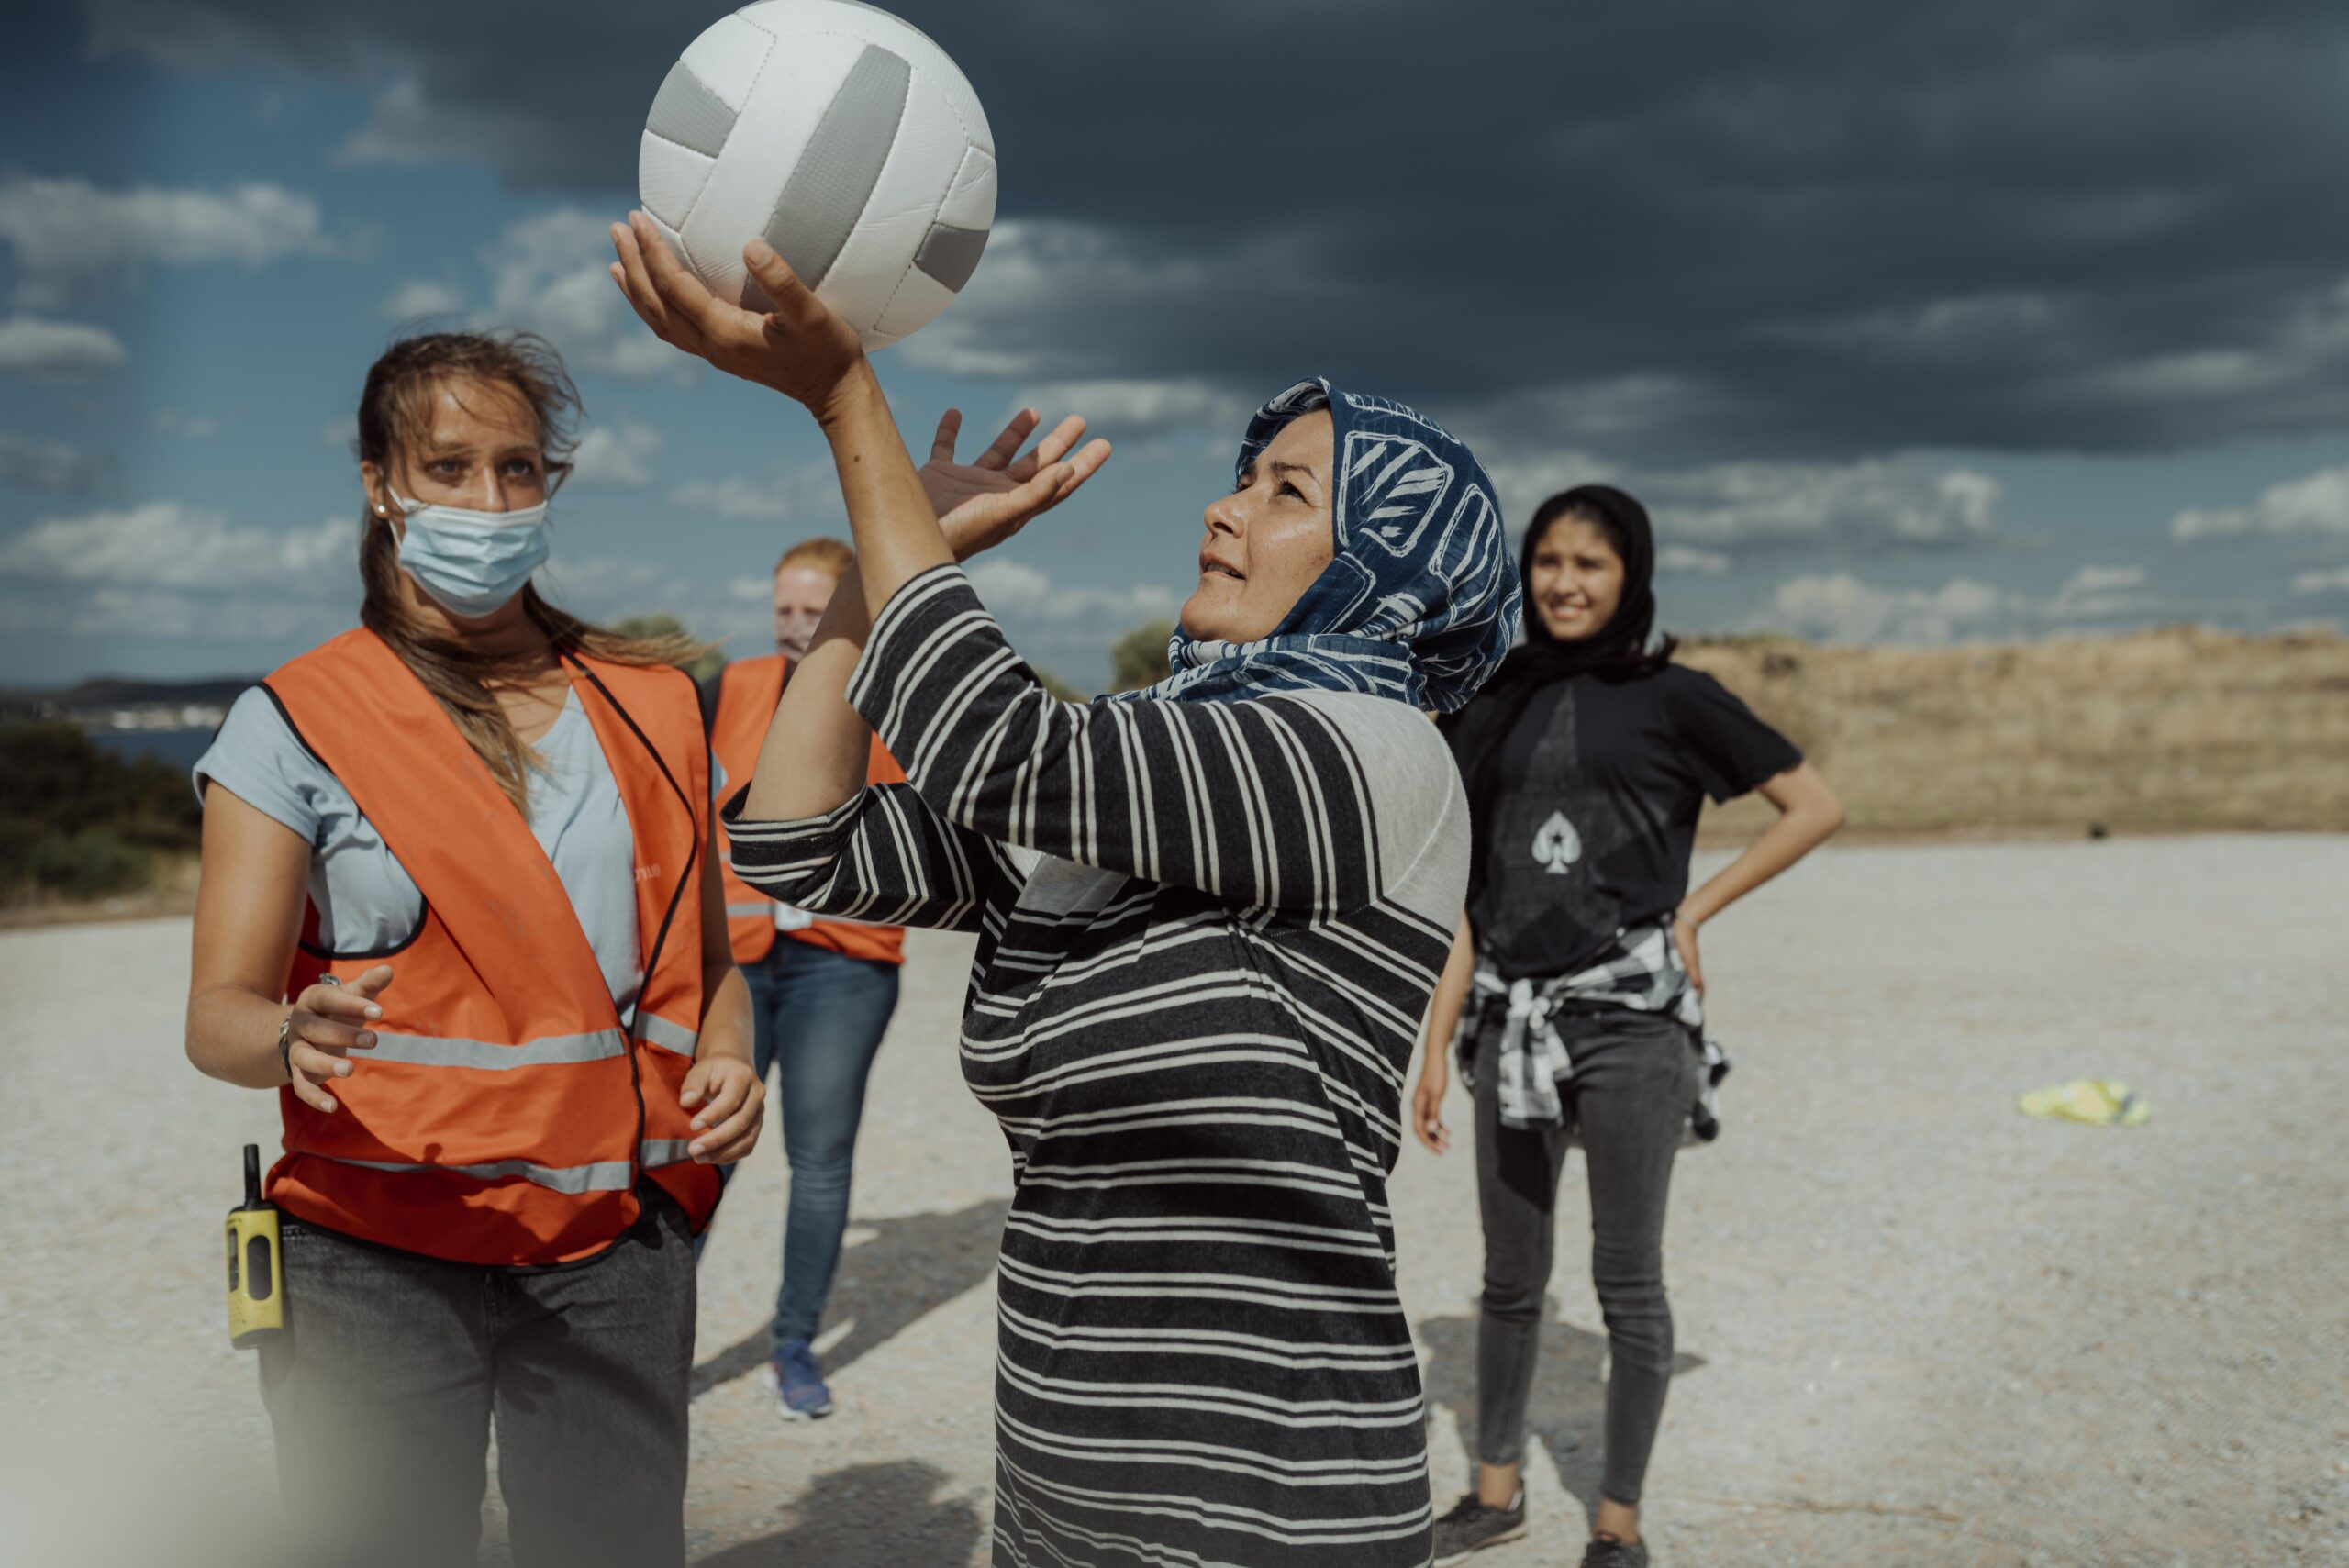 Insegnare pallavolo nei campi profughi in Grecia: il racconto di Ruth